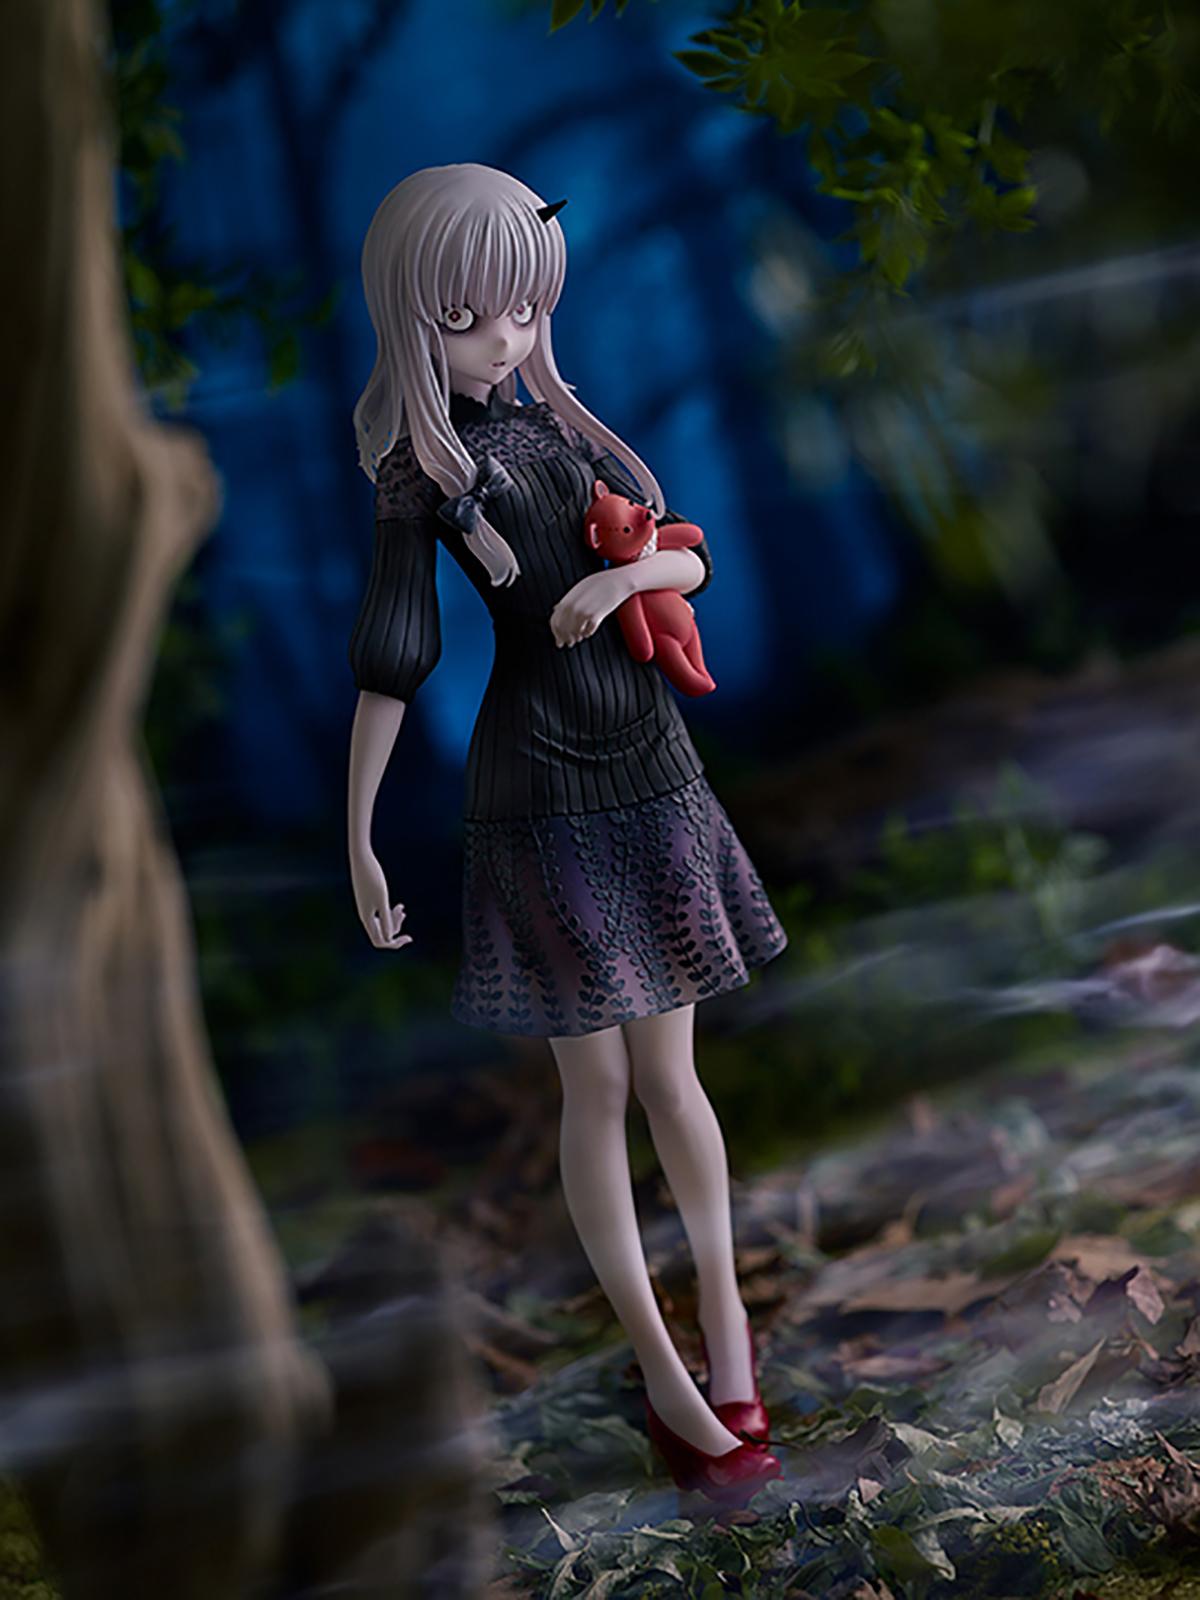 【限定販売】Fate/Grand Order『フォーリナー/アビゲイル・ウィリアムズ&ラヴィニア・ウェイトリー セット』1/7 完成品フィギュア-015